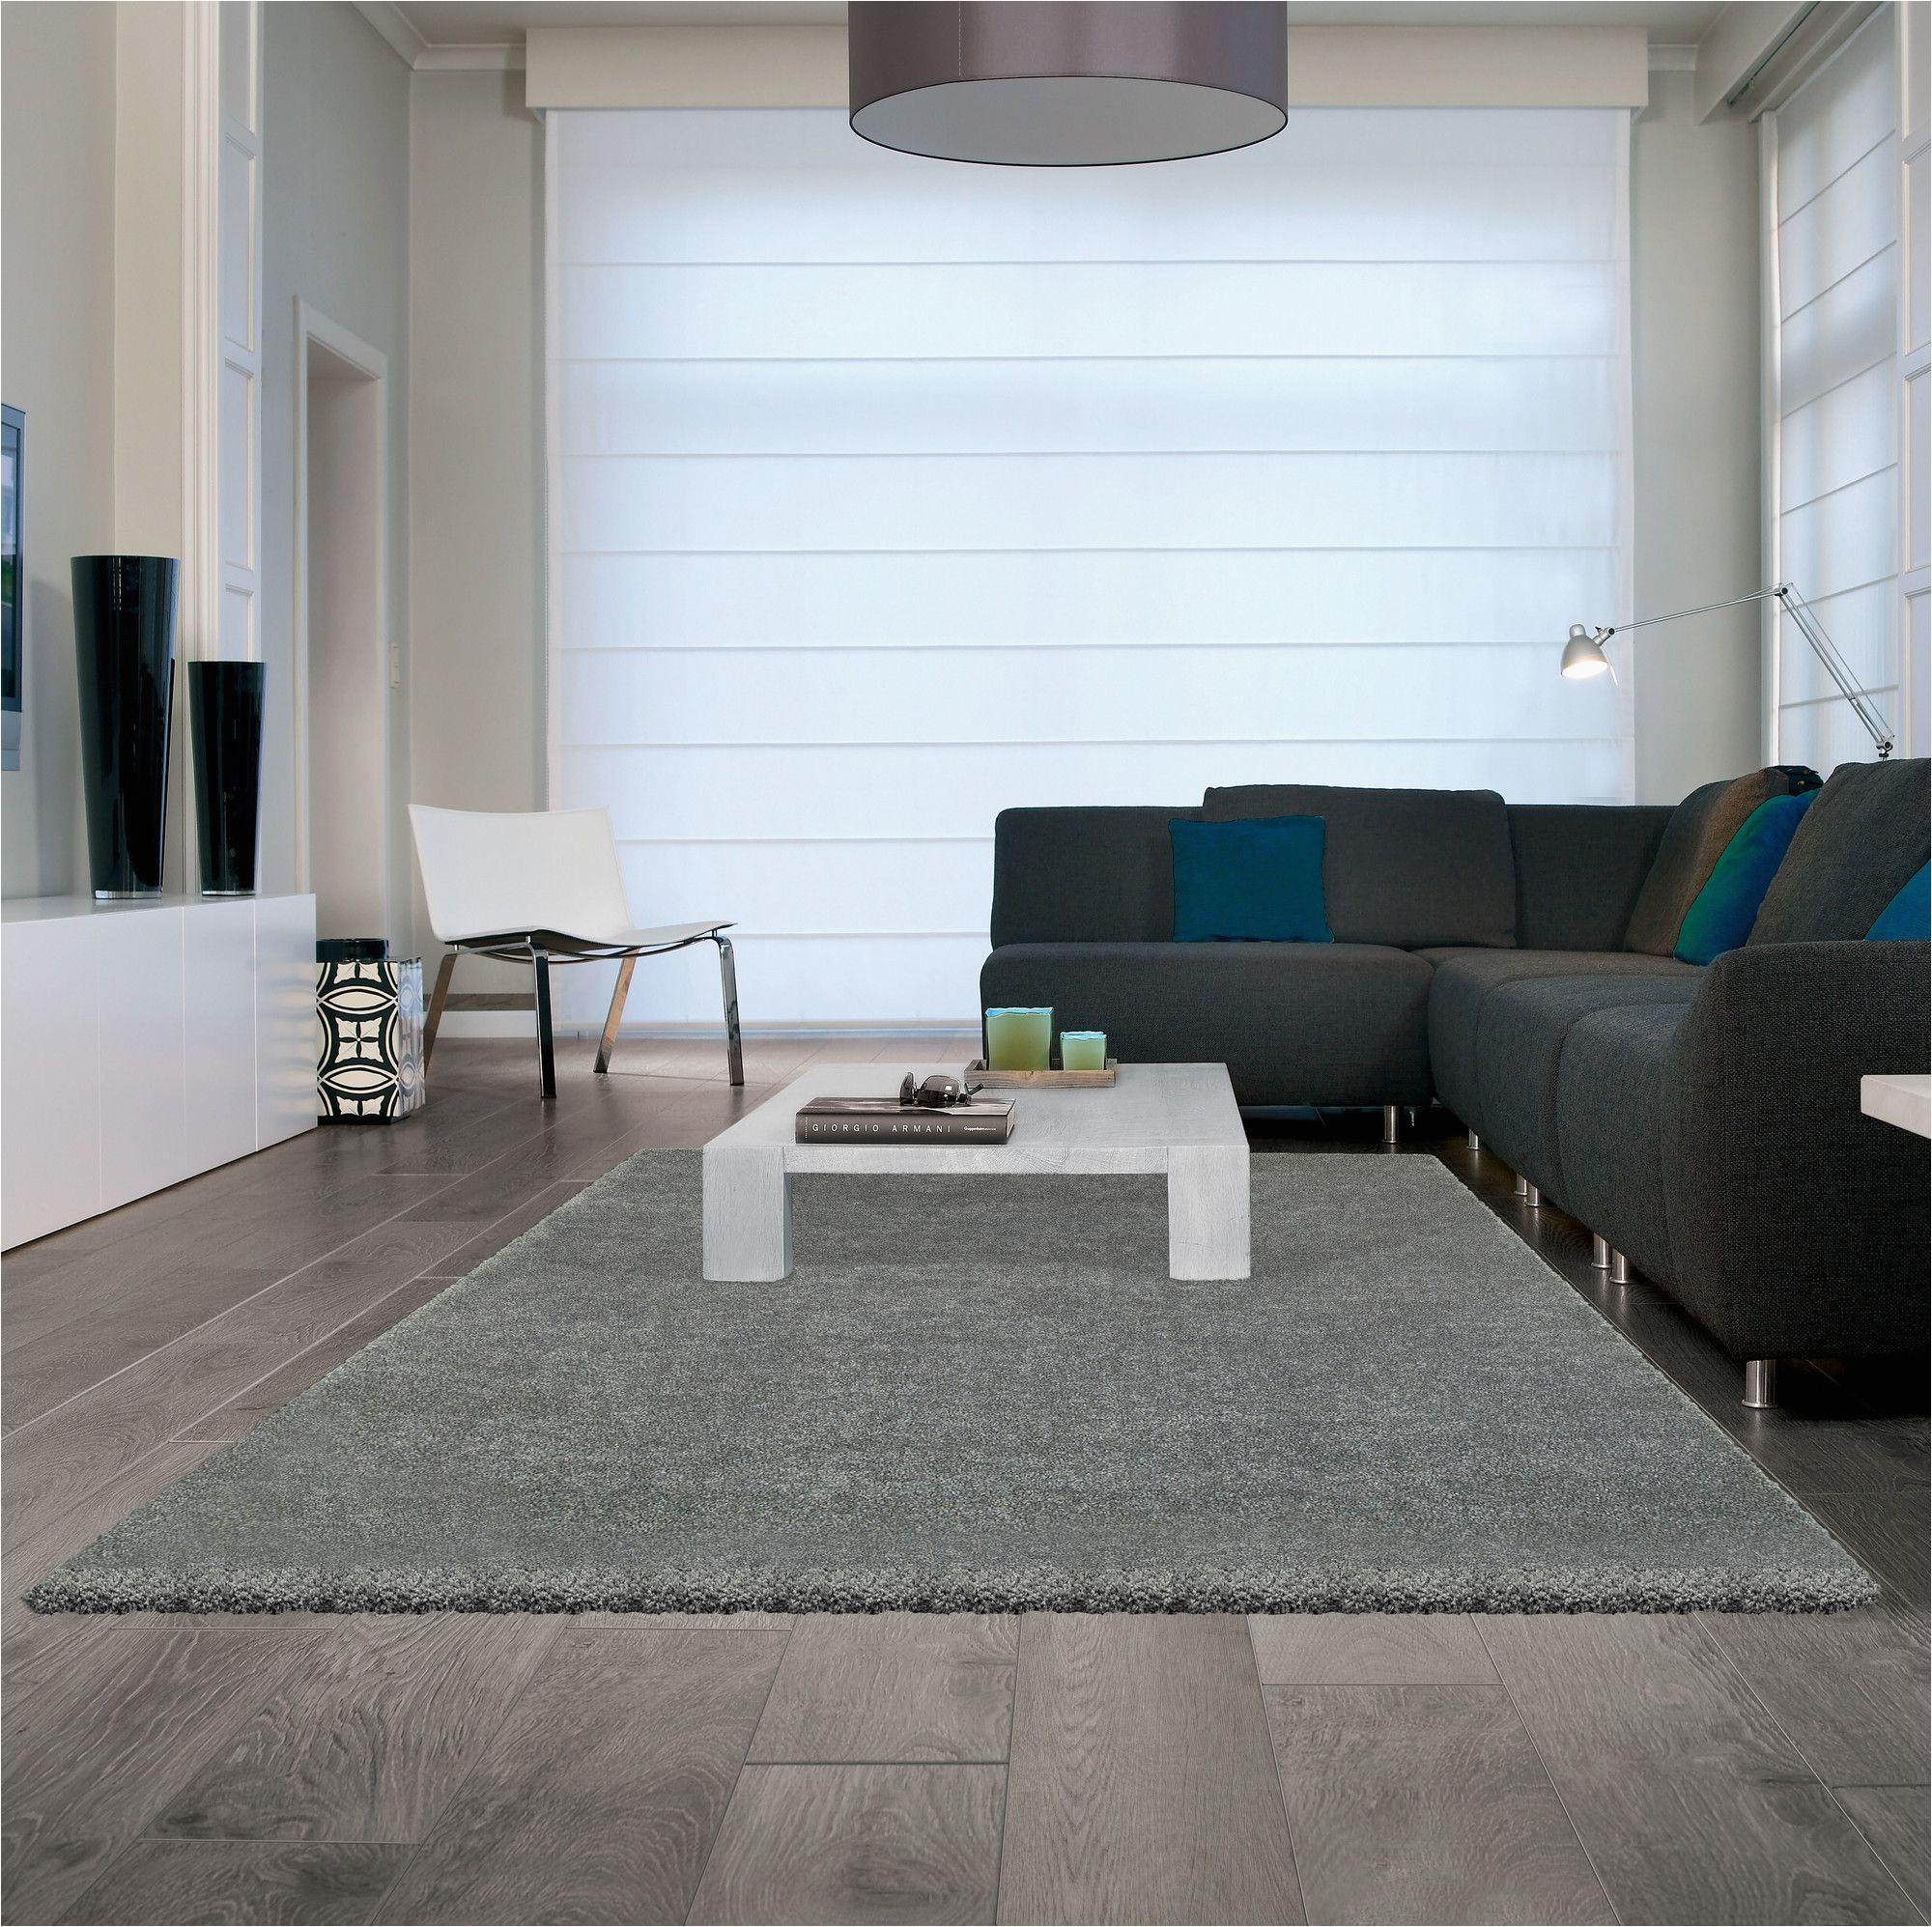 area rugs on laminate flooring